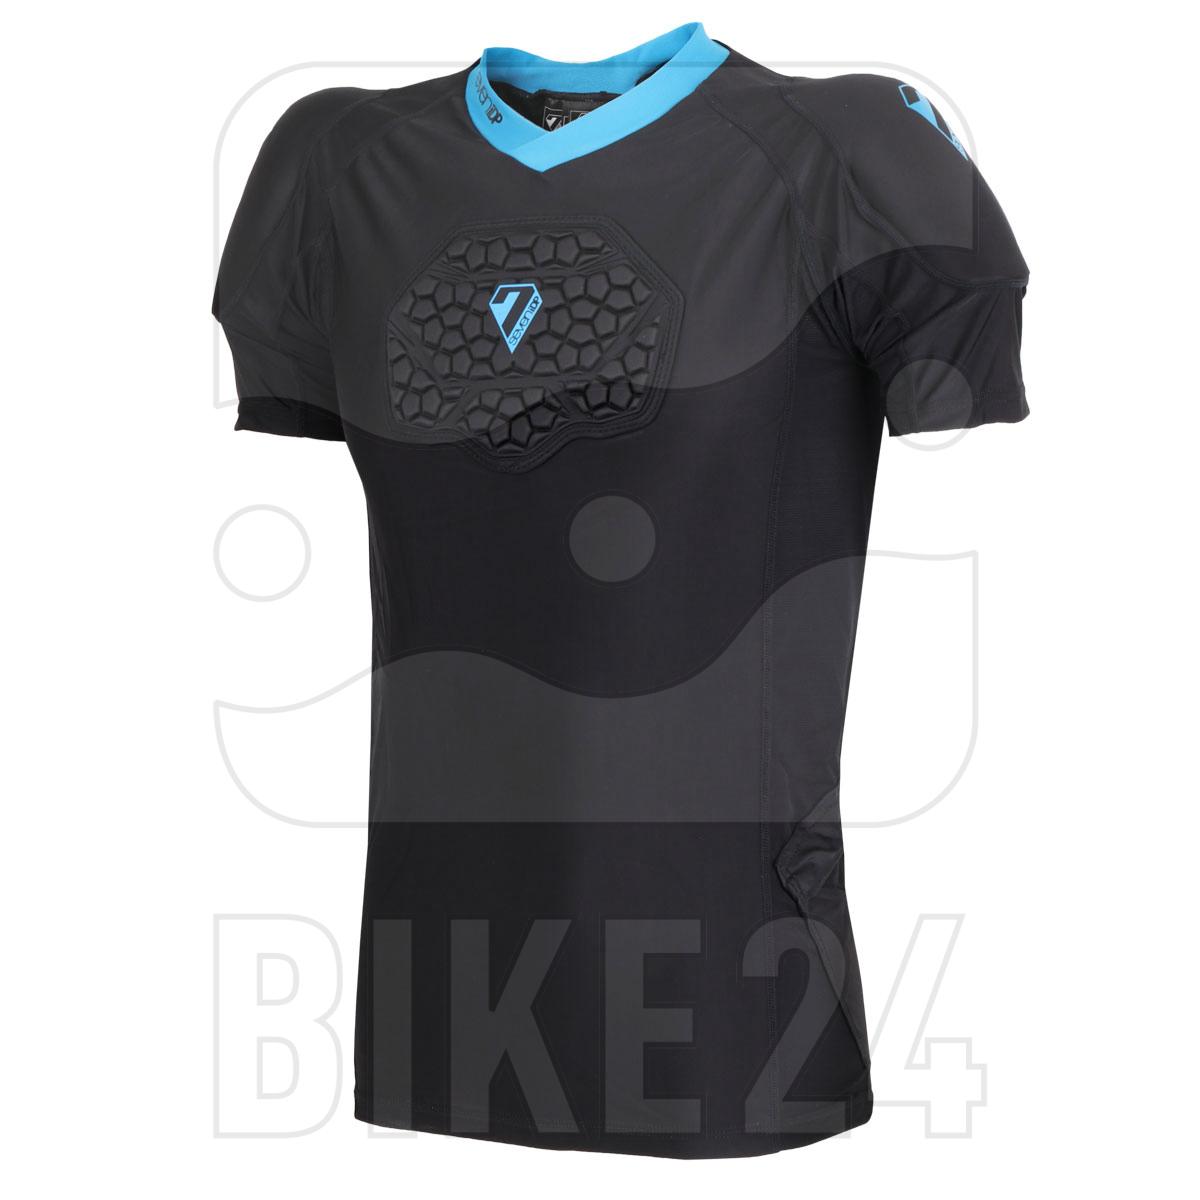 Imagen de 7 Protection 7iDP Flex Body Suit Youth Protector T-Shirt - black-blue